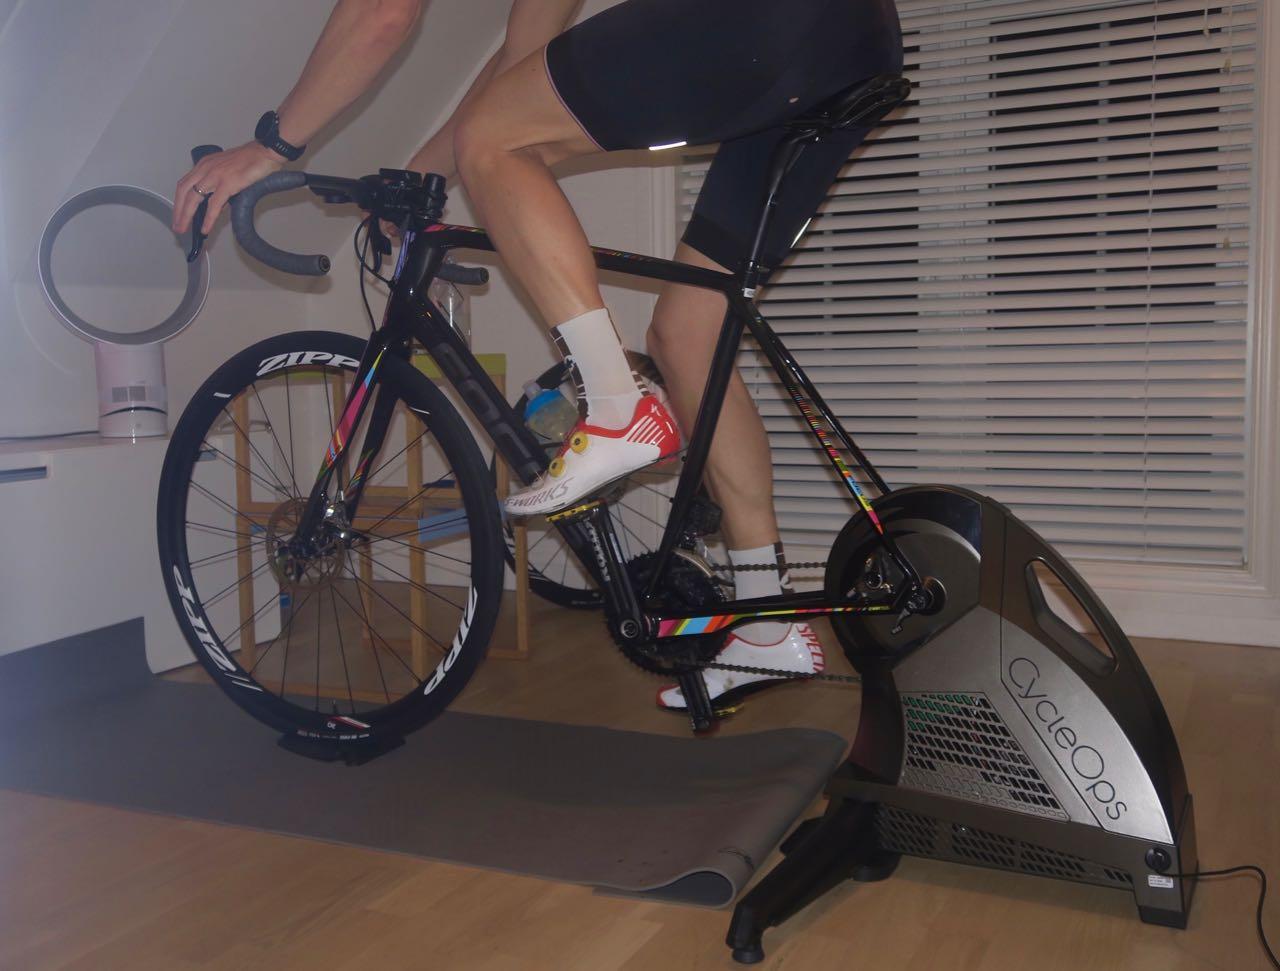 VINTERRULL: CycleOps H2 er et solid alternativ i Smart-rulle segmentet. Den amerikanskproduserte rulla tåler høy belastning og har jevn og smidig gange. Alle foto: Øyvind Aas/Landevei